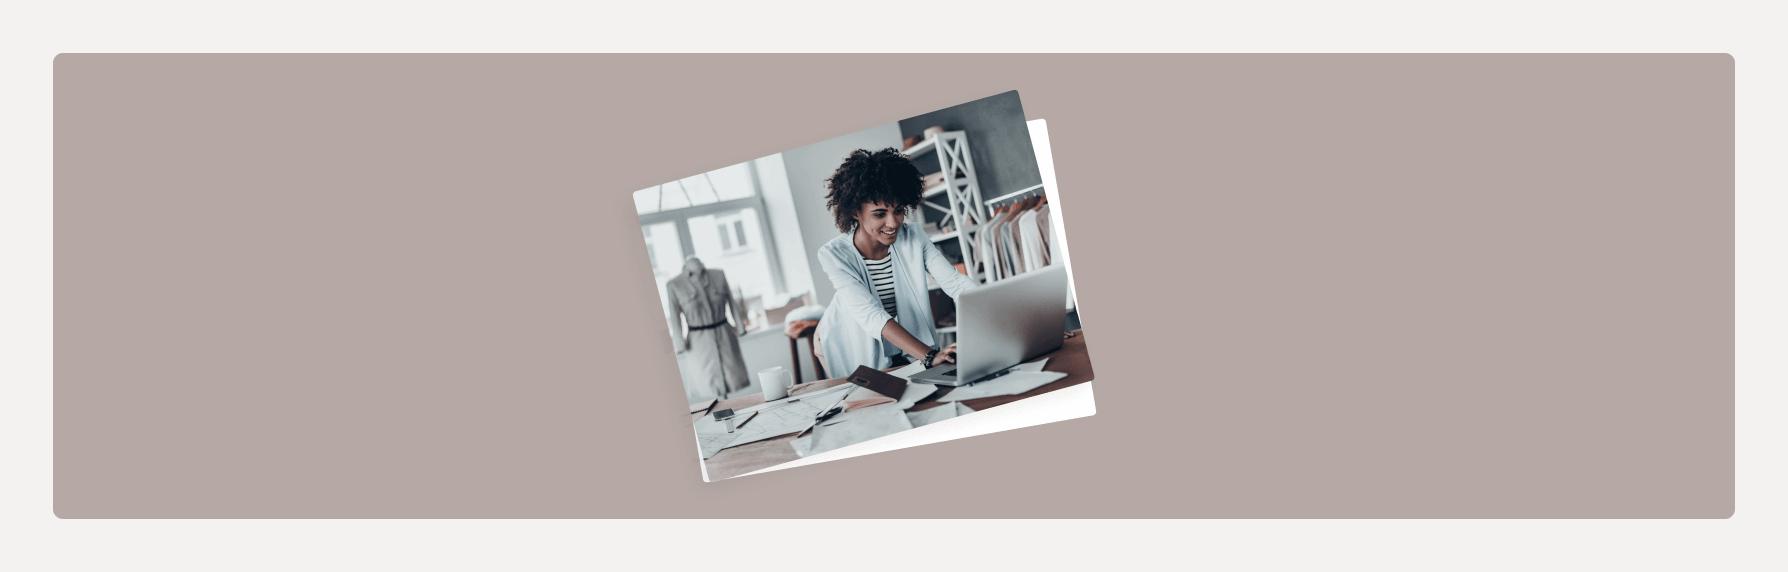 Messaging oder E-Mail: Was ist besser für Ihr Unternehmen?